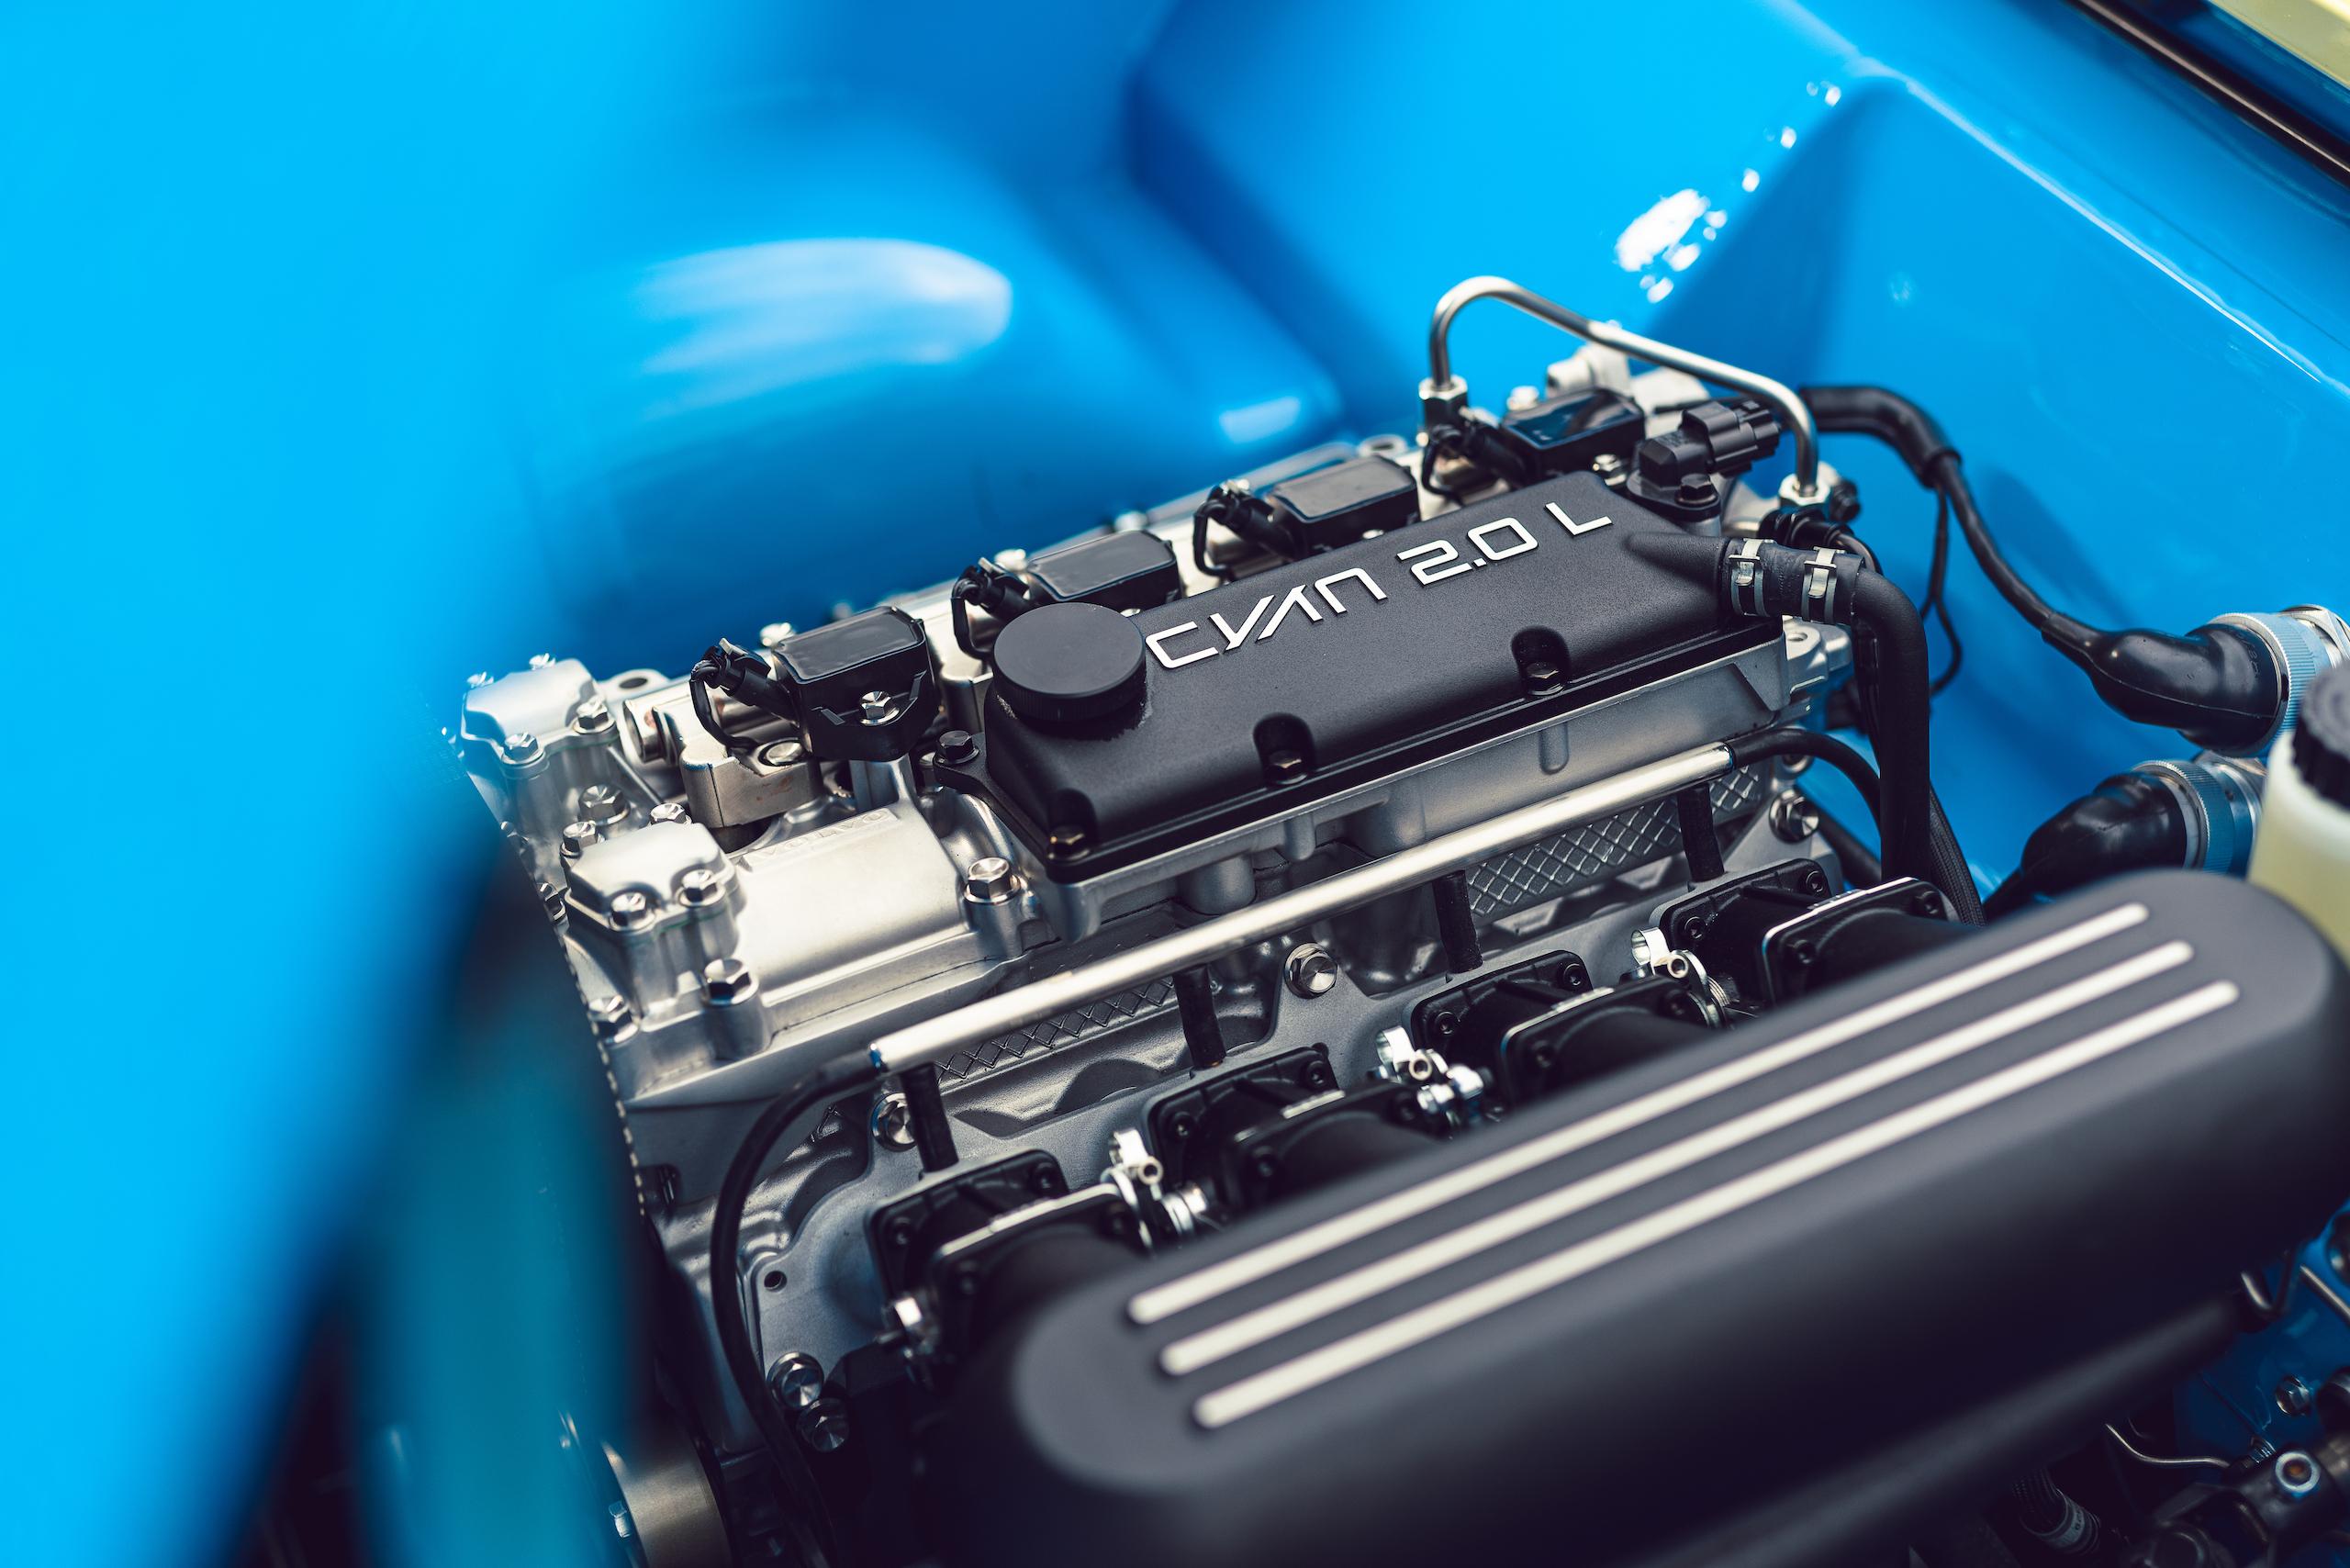 CYAN RACING P1800 engine detail